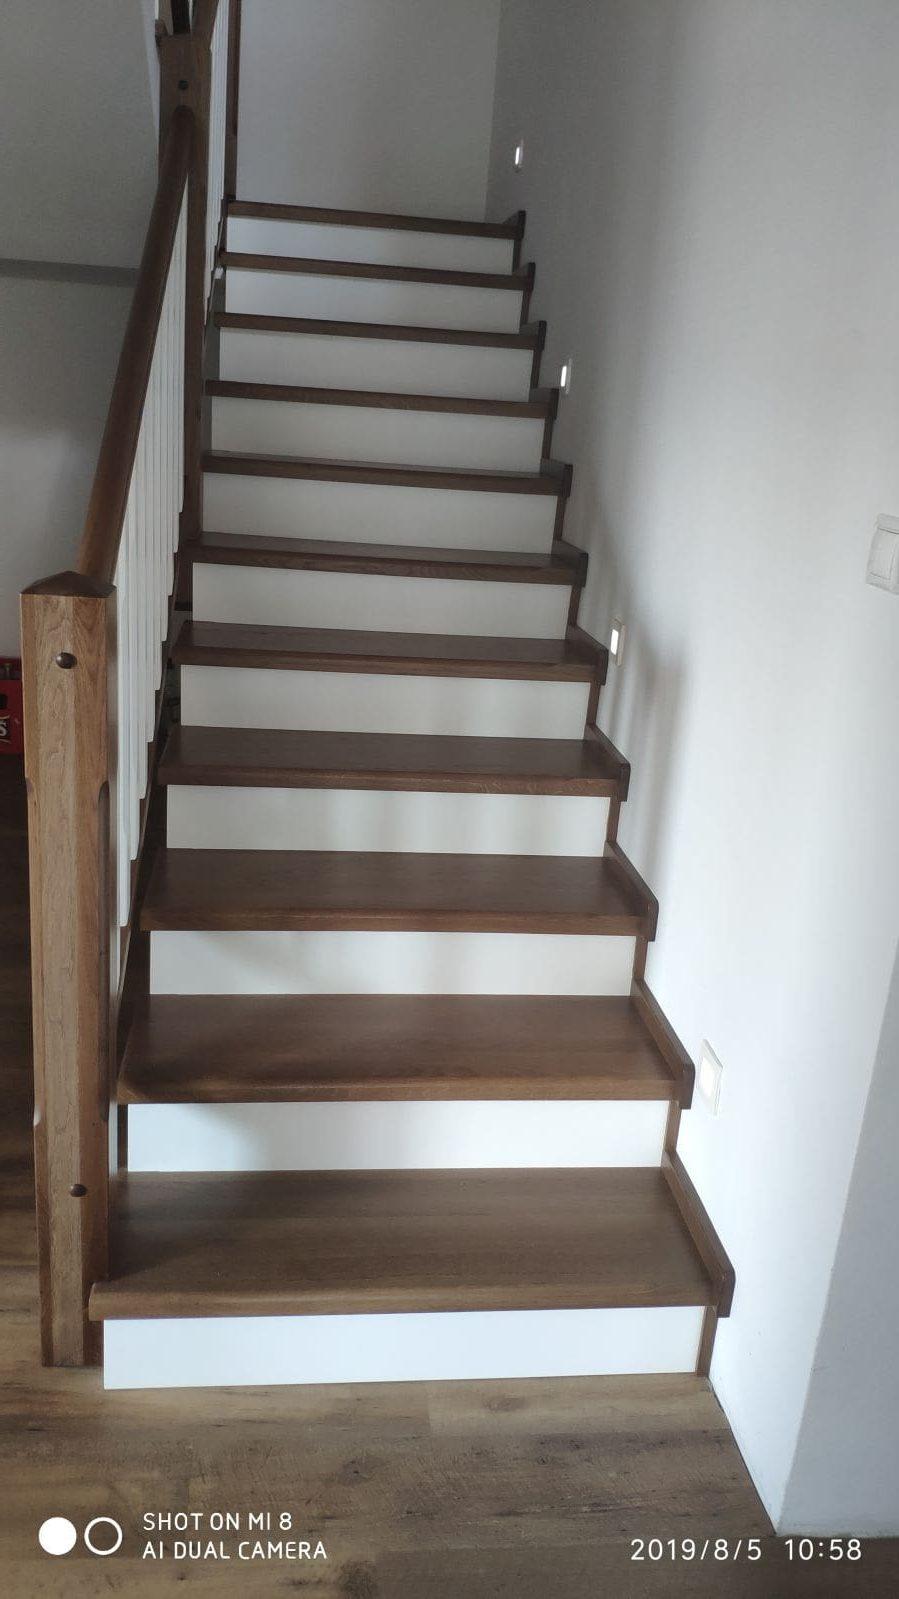 schody drevene vyroba na mieru